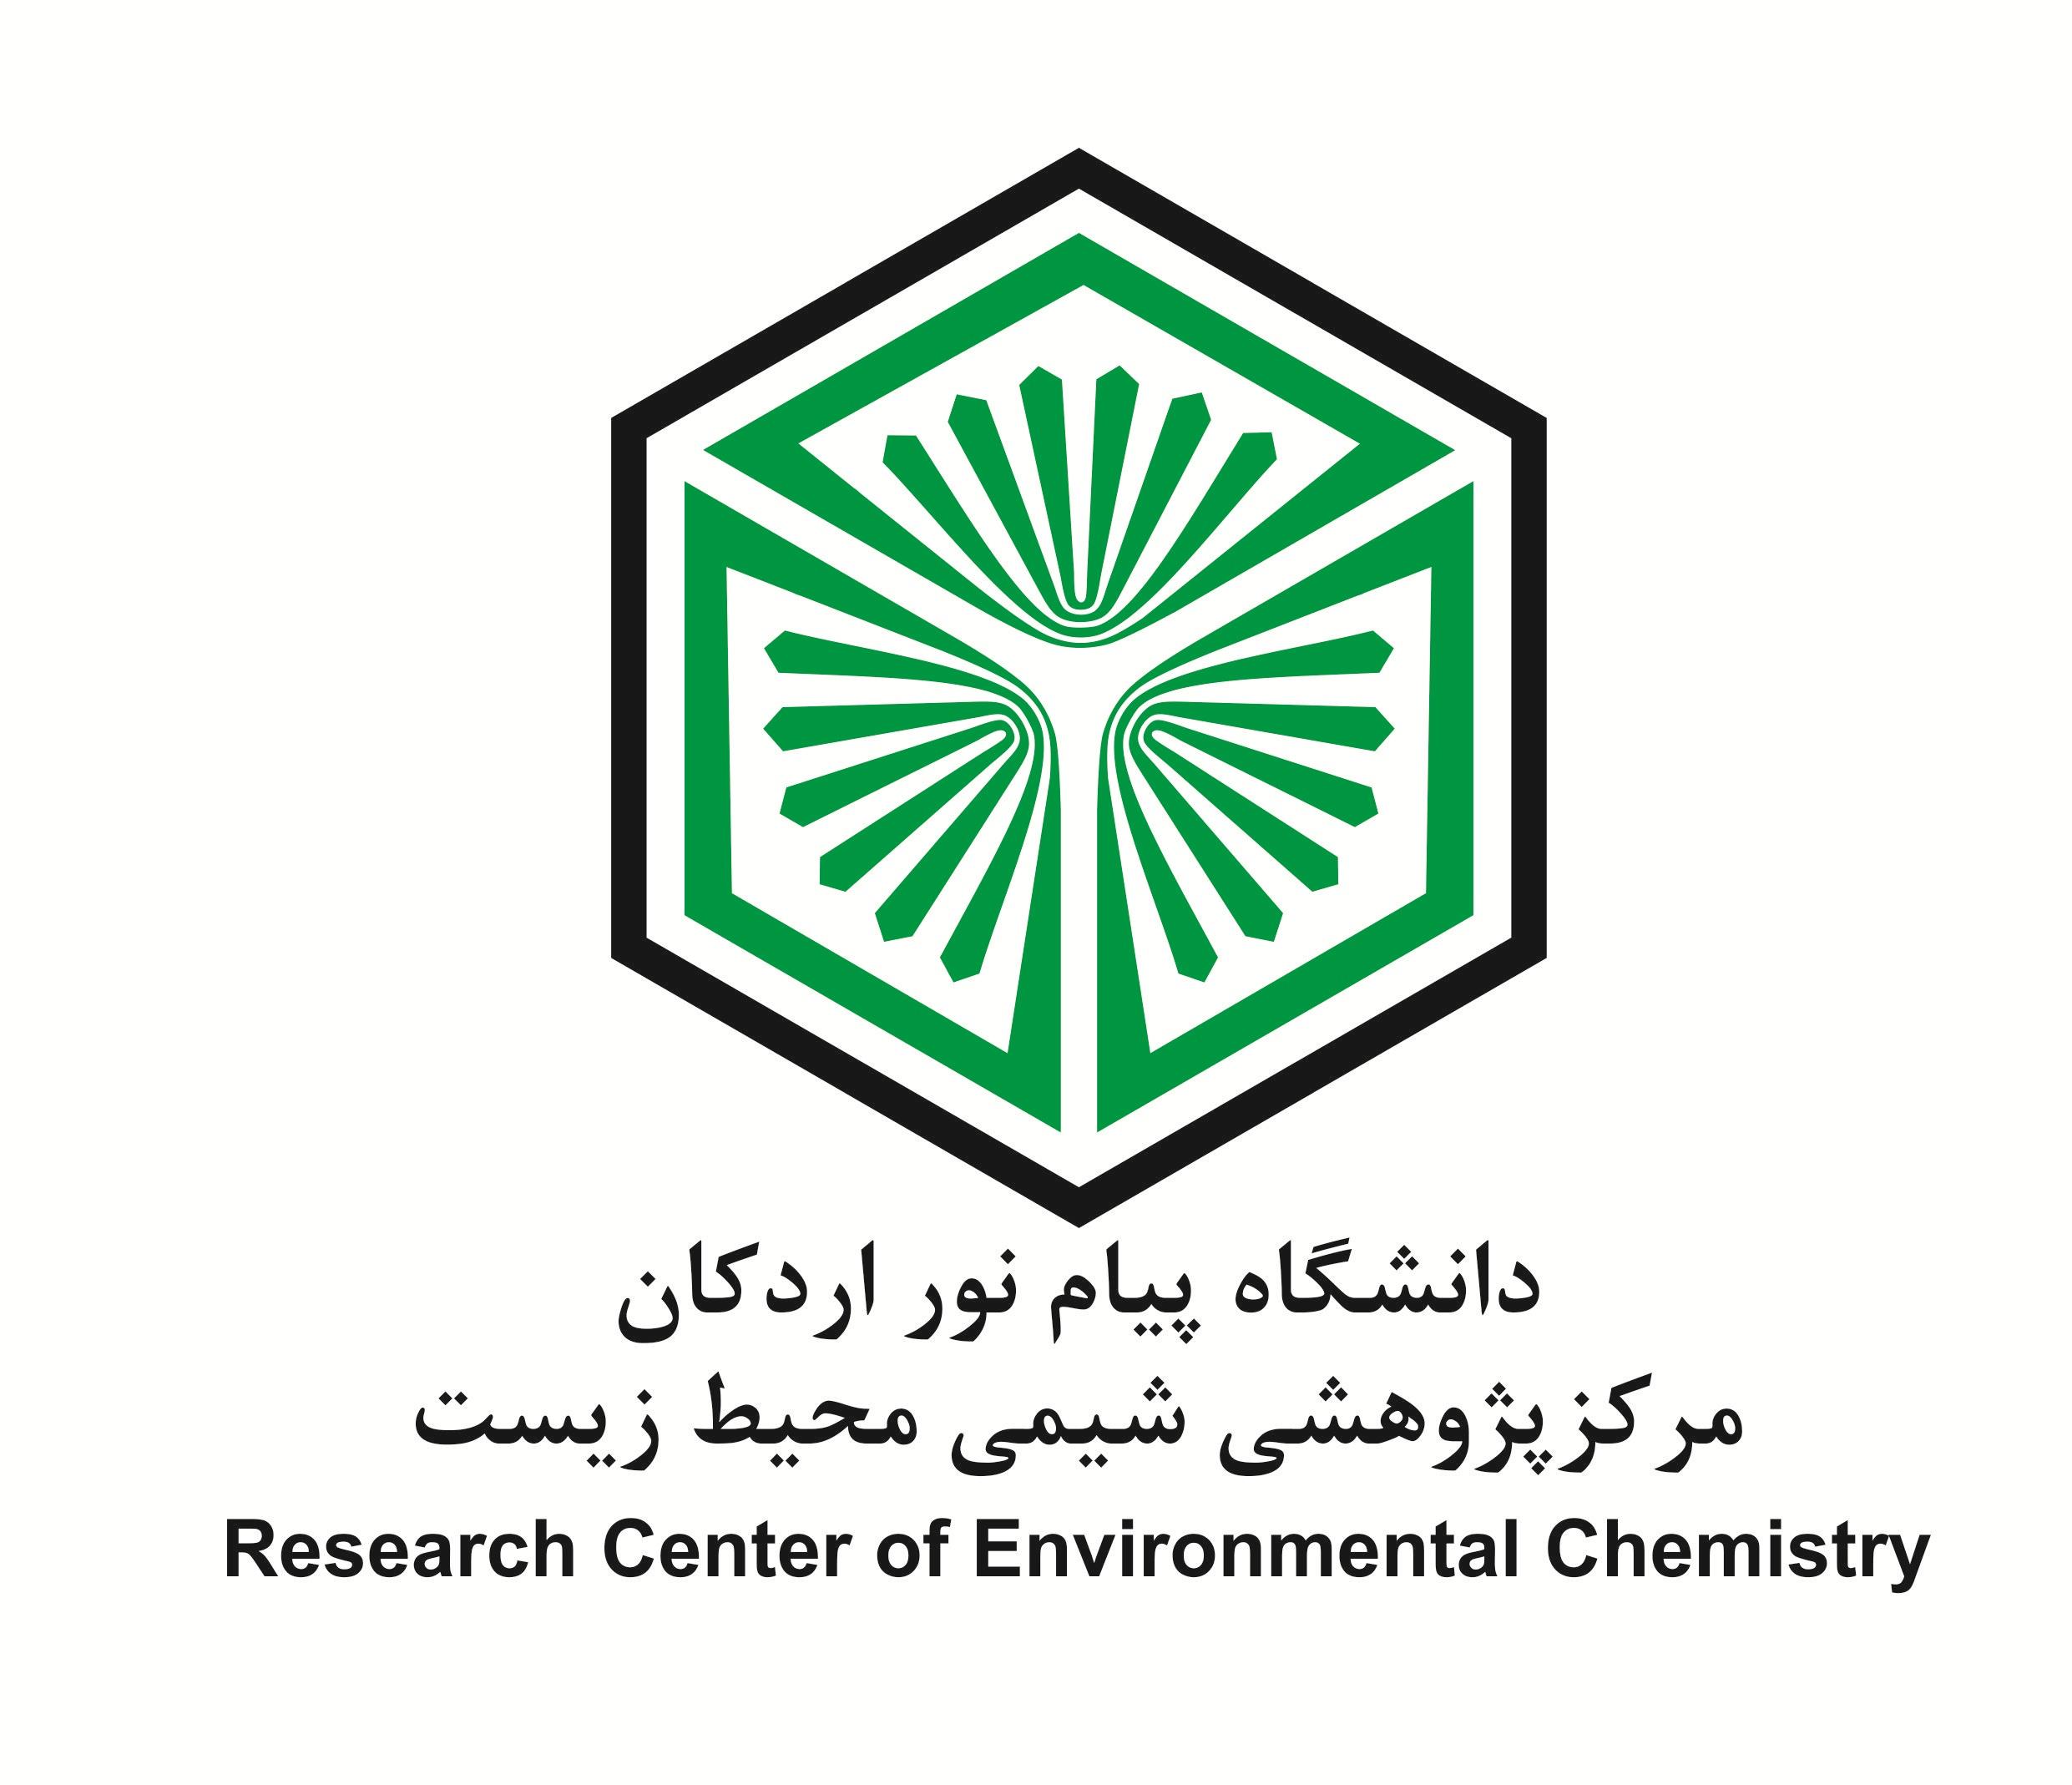 مرکز پژوهش شیمی محیط زیست دانشگاه پیام نور